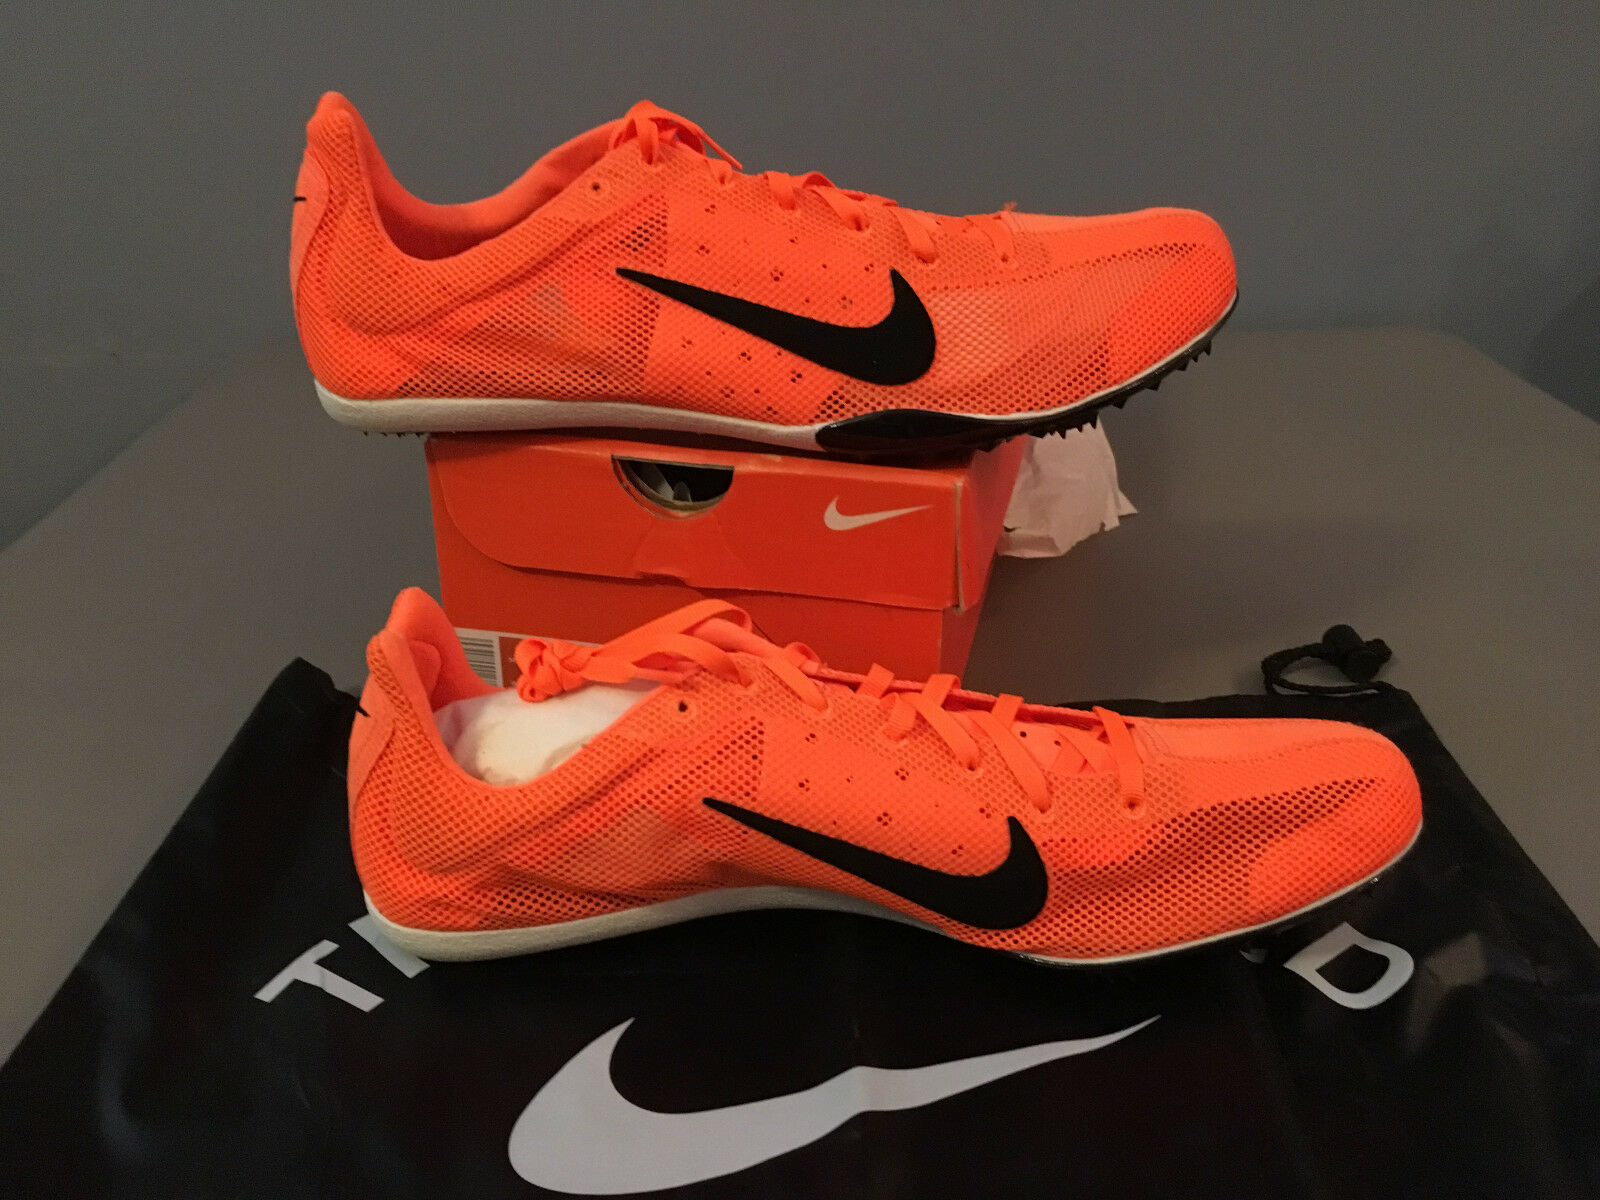 Nuevo En Caja Para Hombre Nike Zoom Mamba atletismo realizar un seguimiento de los picos de naranja (317573) Talla 13